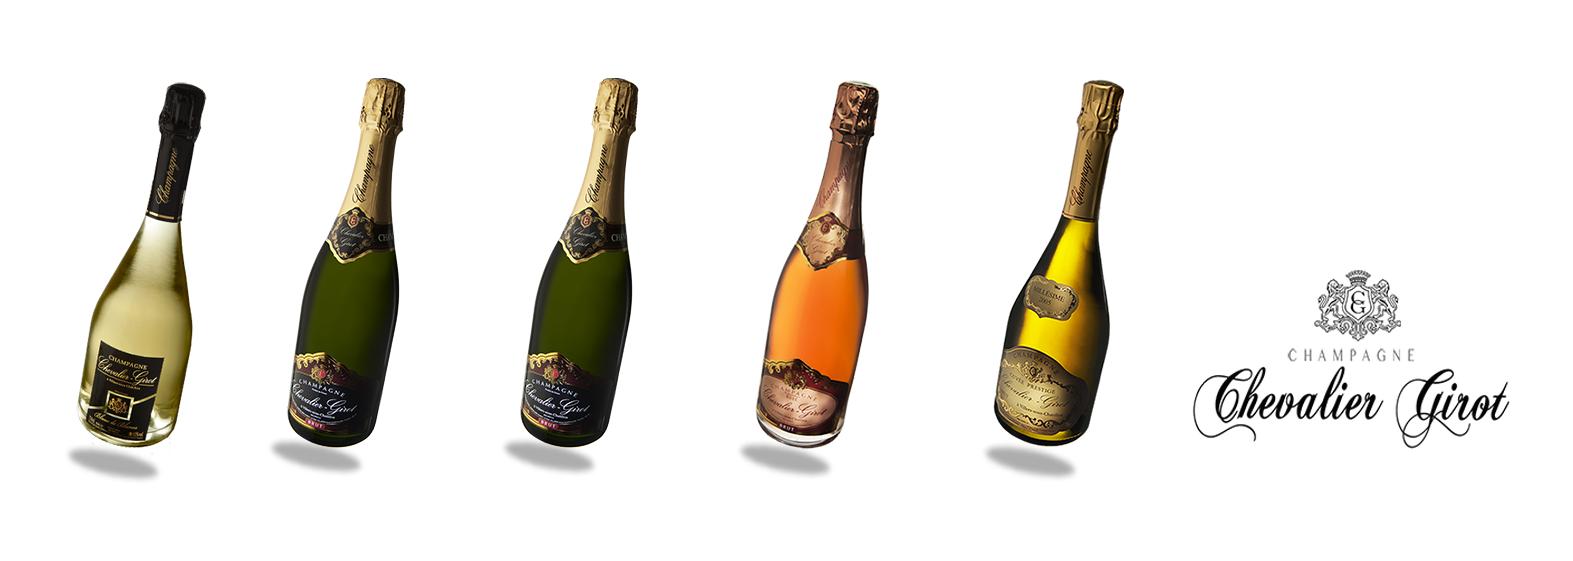 Champagne Chevalier-Girot